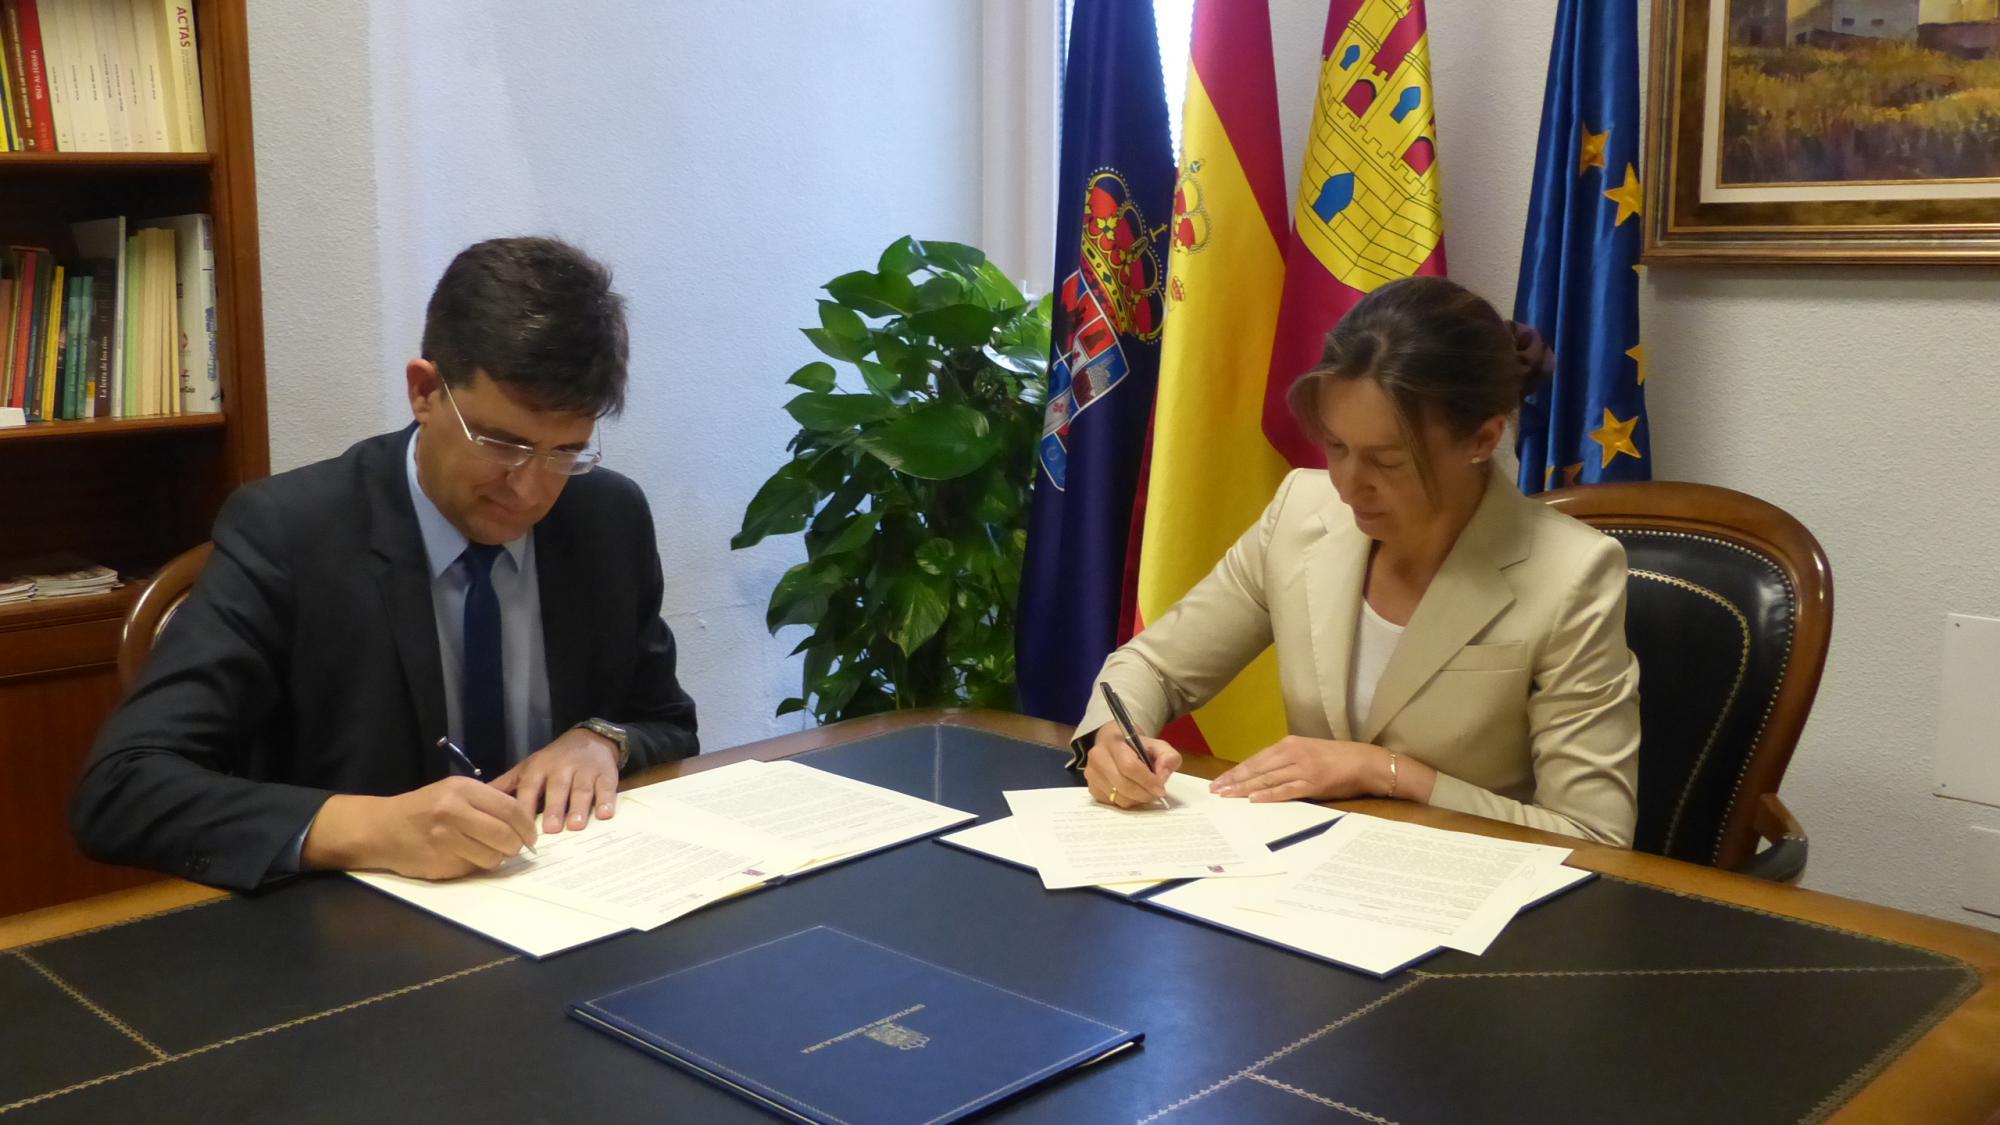 La Diputación apoya la actividad académica de la Universidad de Alcalá a través de diversas iniciativas culturales y de formación